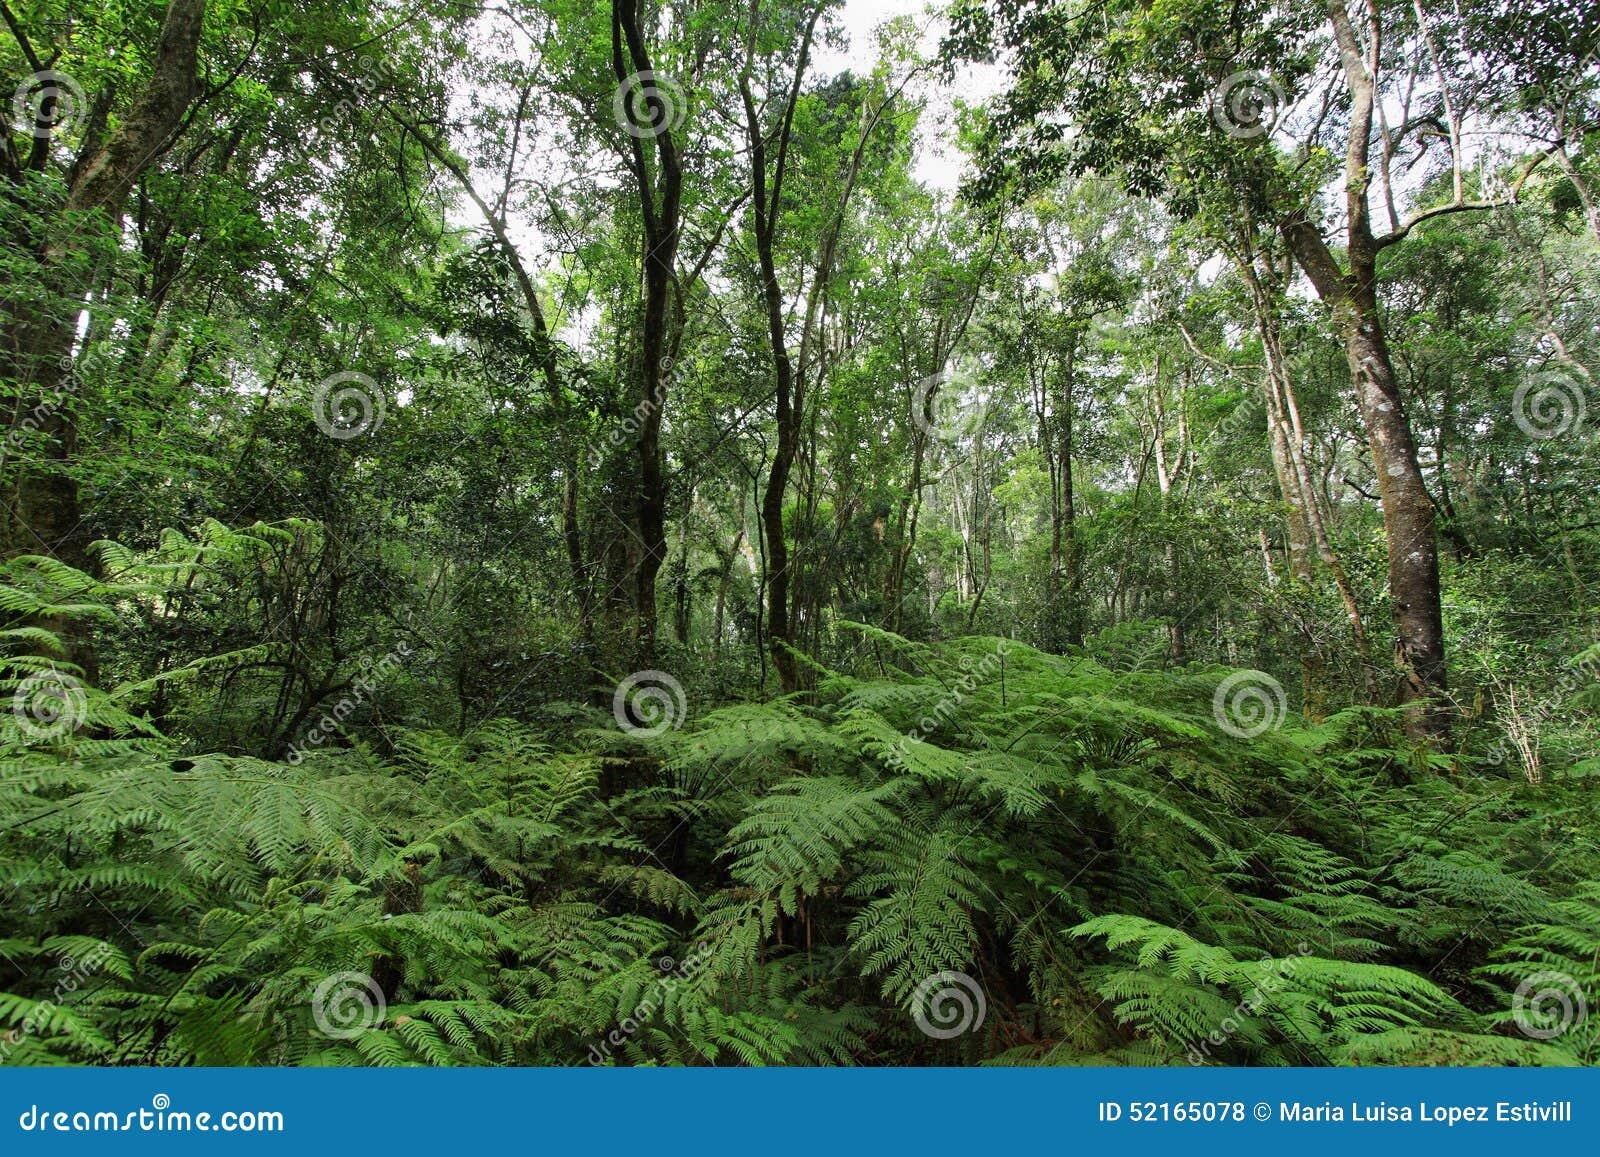 Garden Of Eden Stock Photo Image 52165078